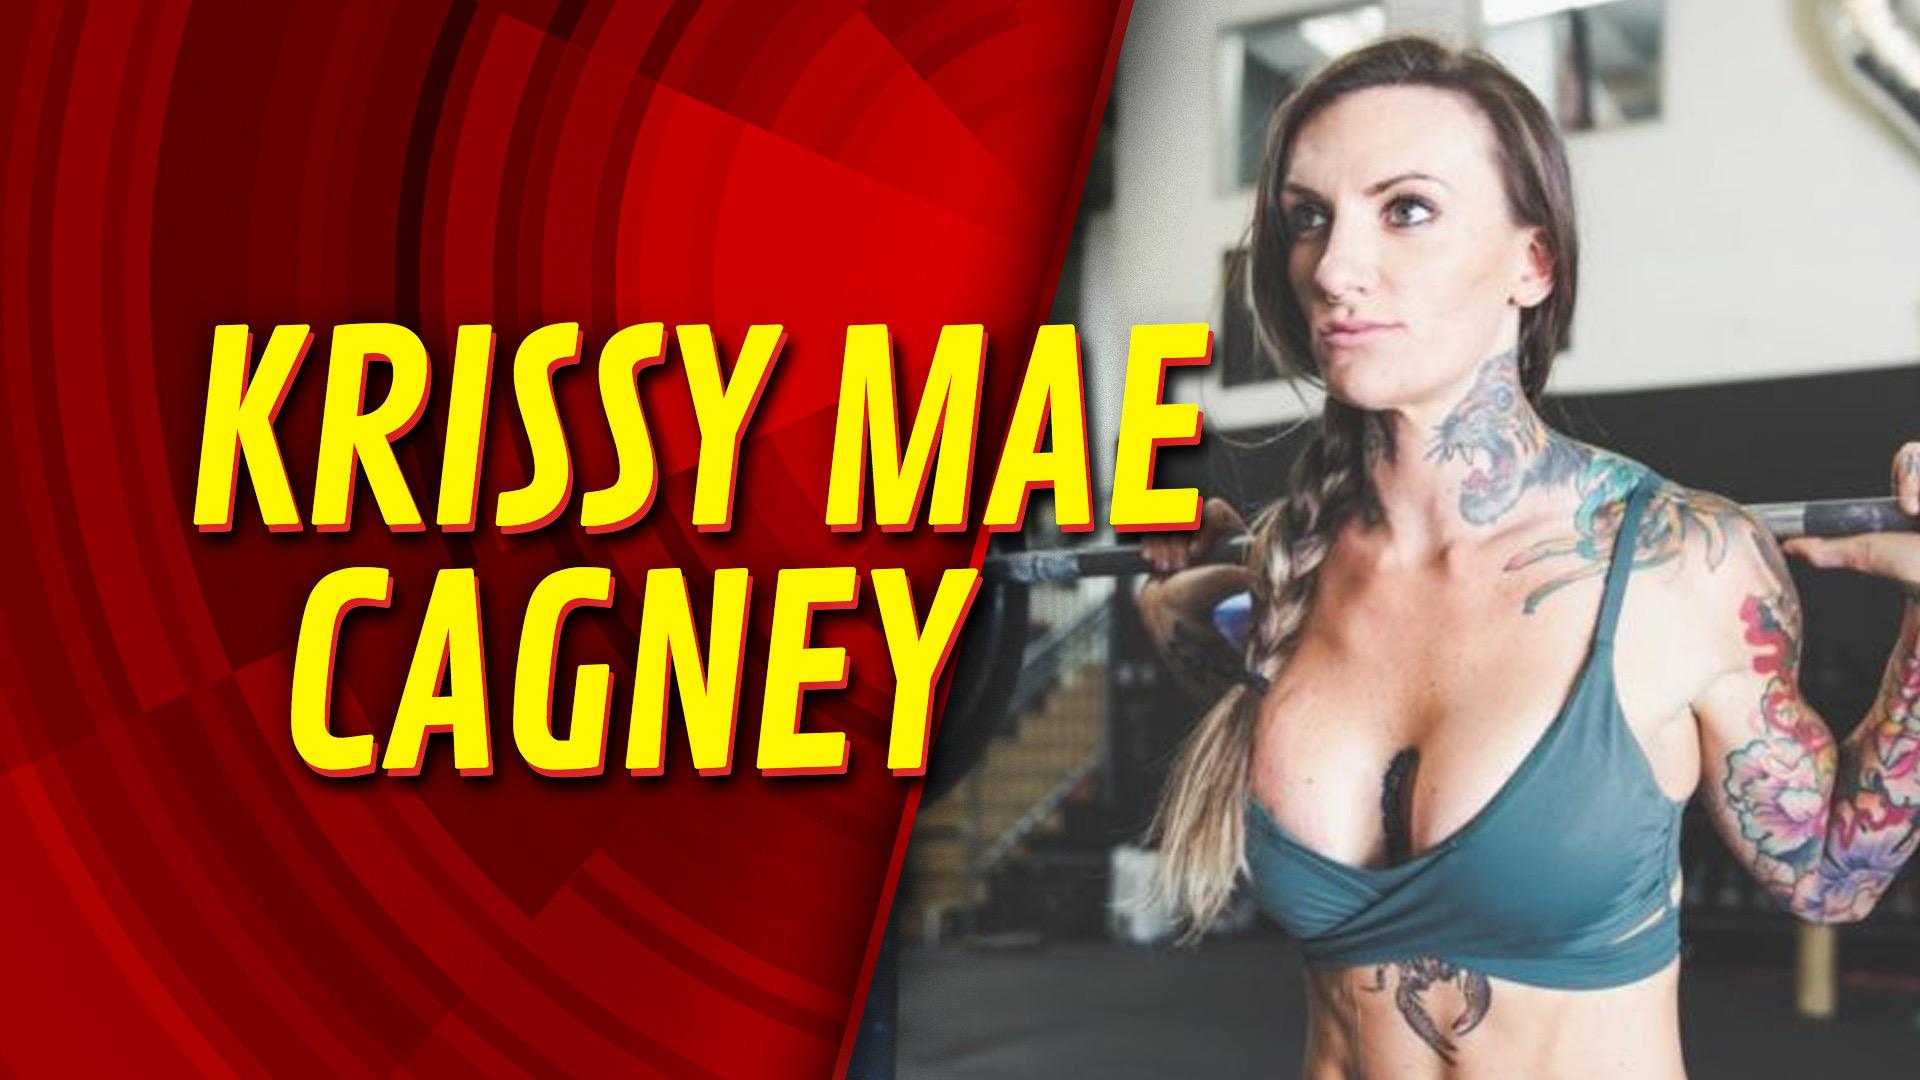 Swole Patrol 09: Krissy Mae Cagney